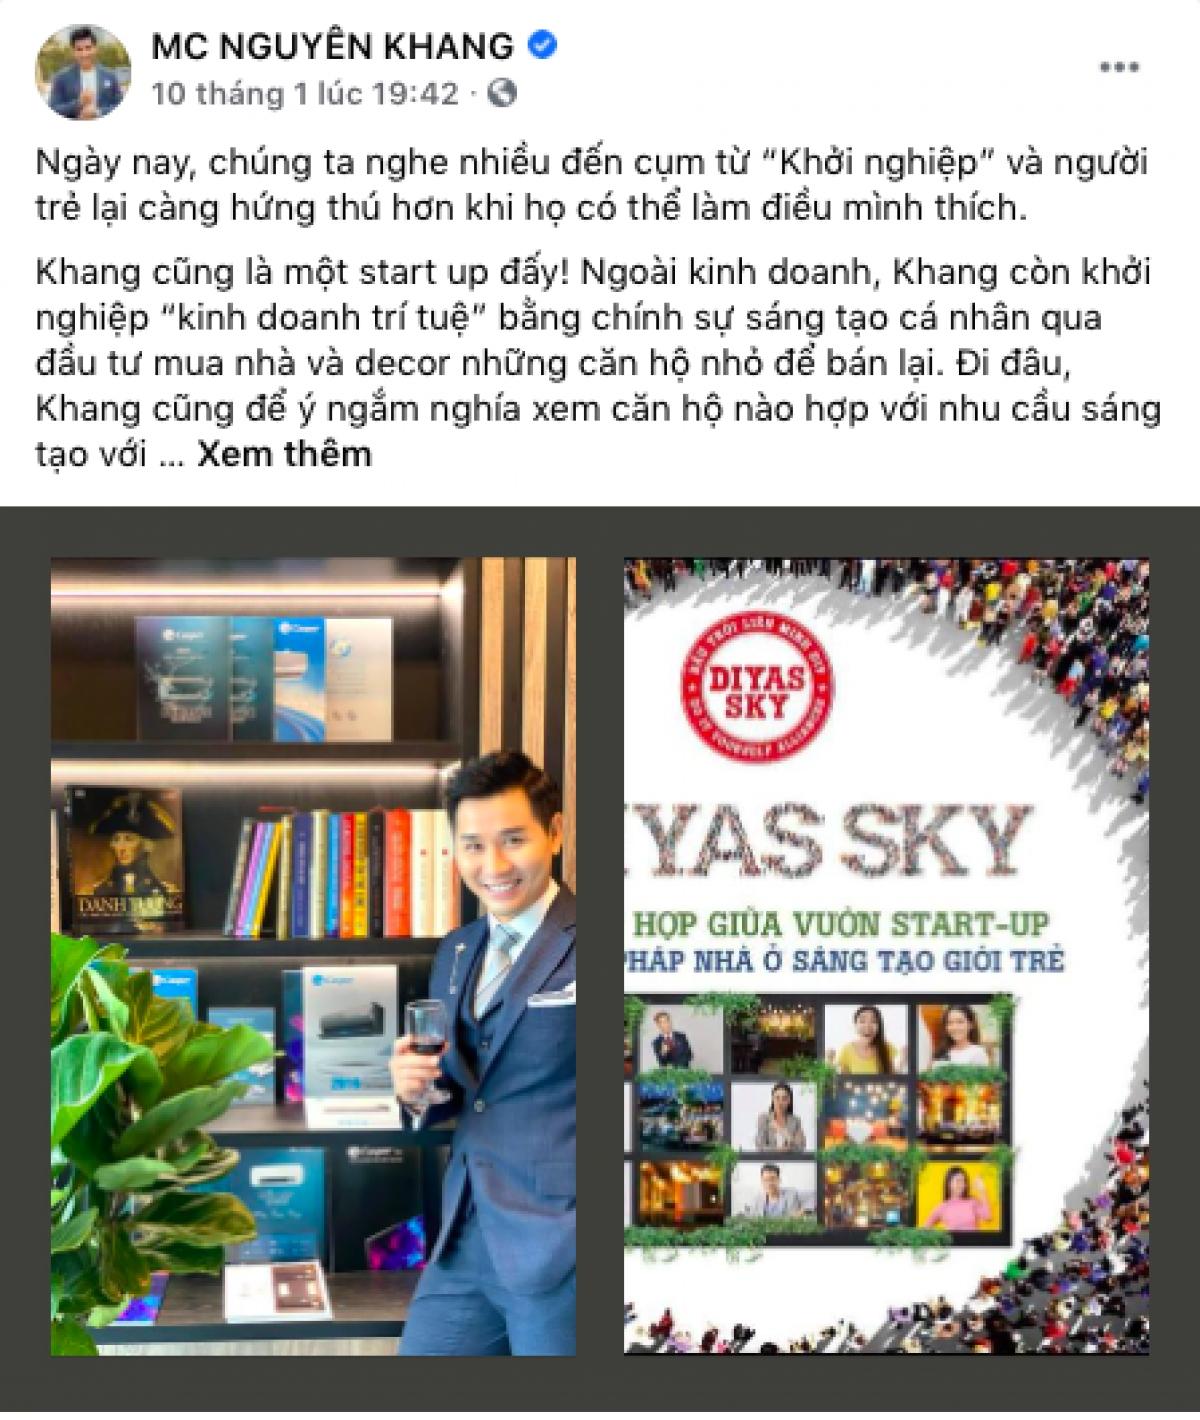 MC Nguyên Khang chia sẻ về trải nghiệm bản thân với DIYAS SKY